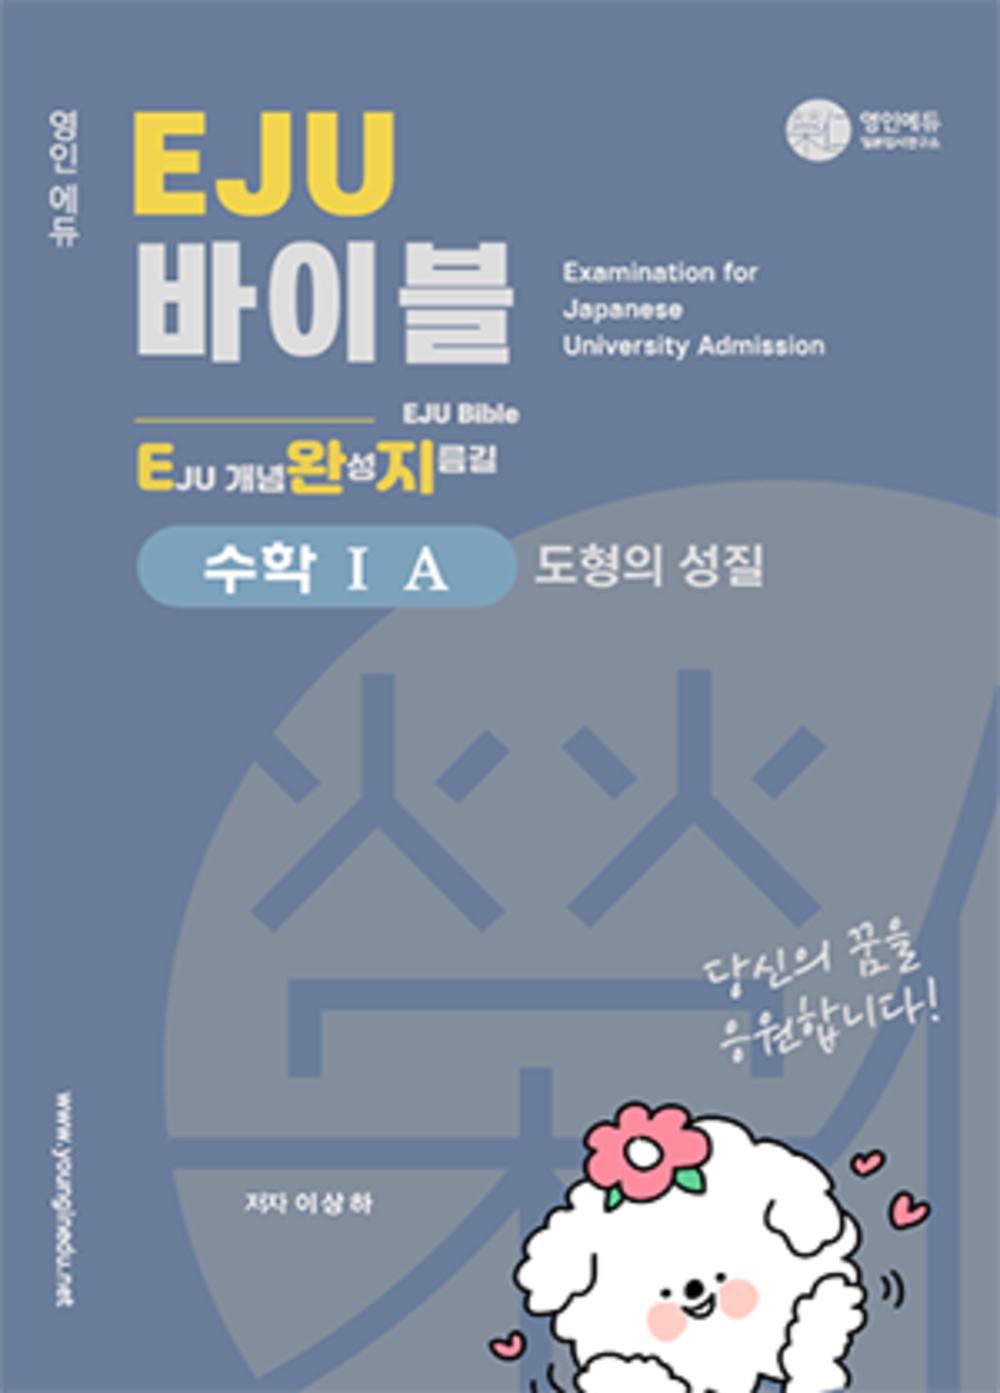 EJU 바이블 수학 1A_도형의 성질  (교재만 개별 구매  불가)